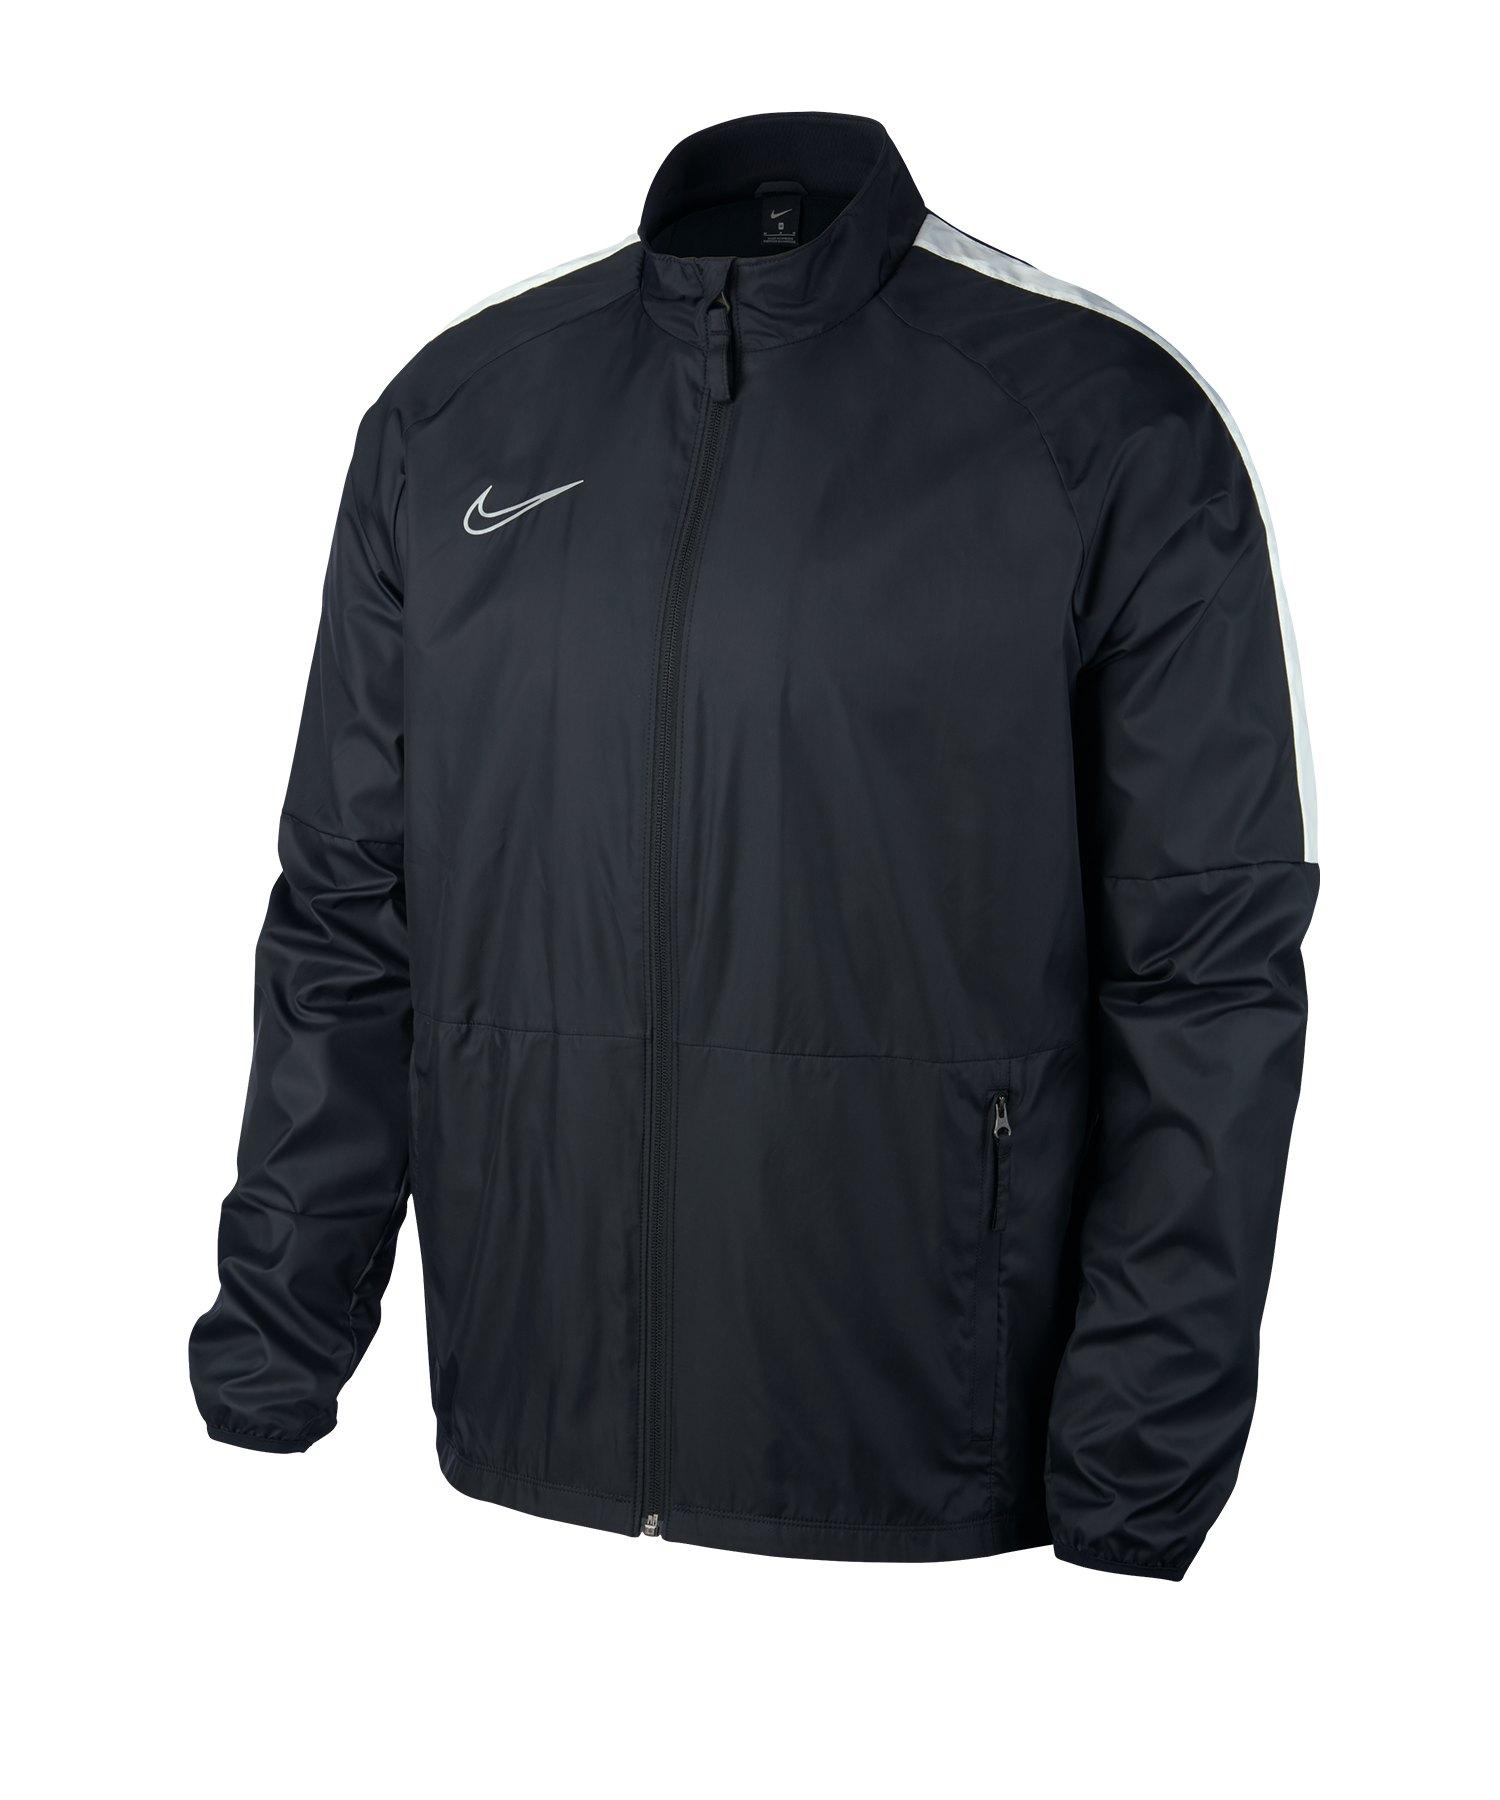 Nike Repel Academy Trainingsjacke Schwarz F011 - schwarz